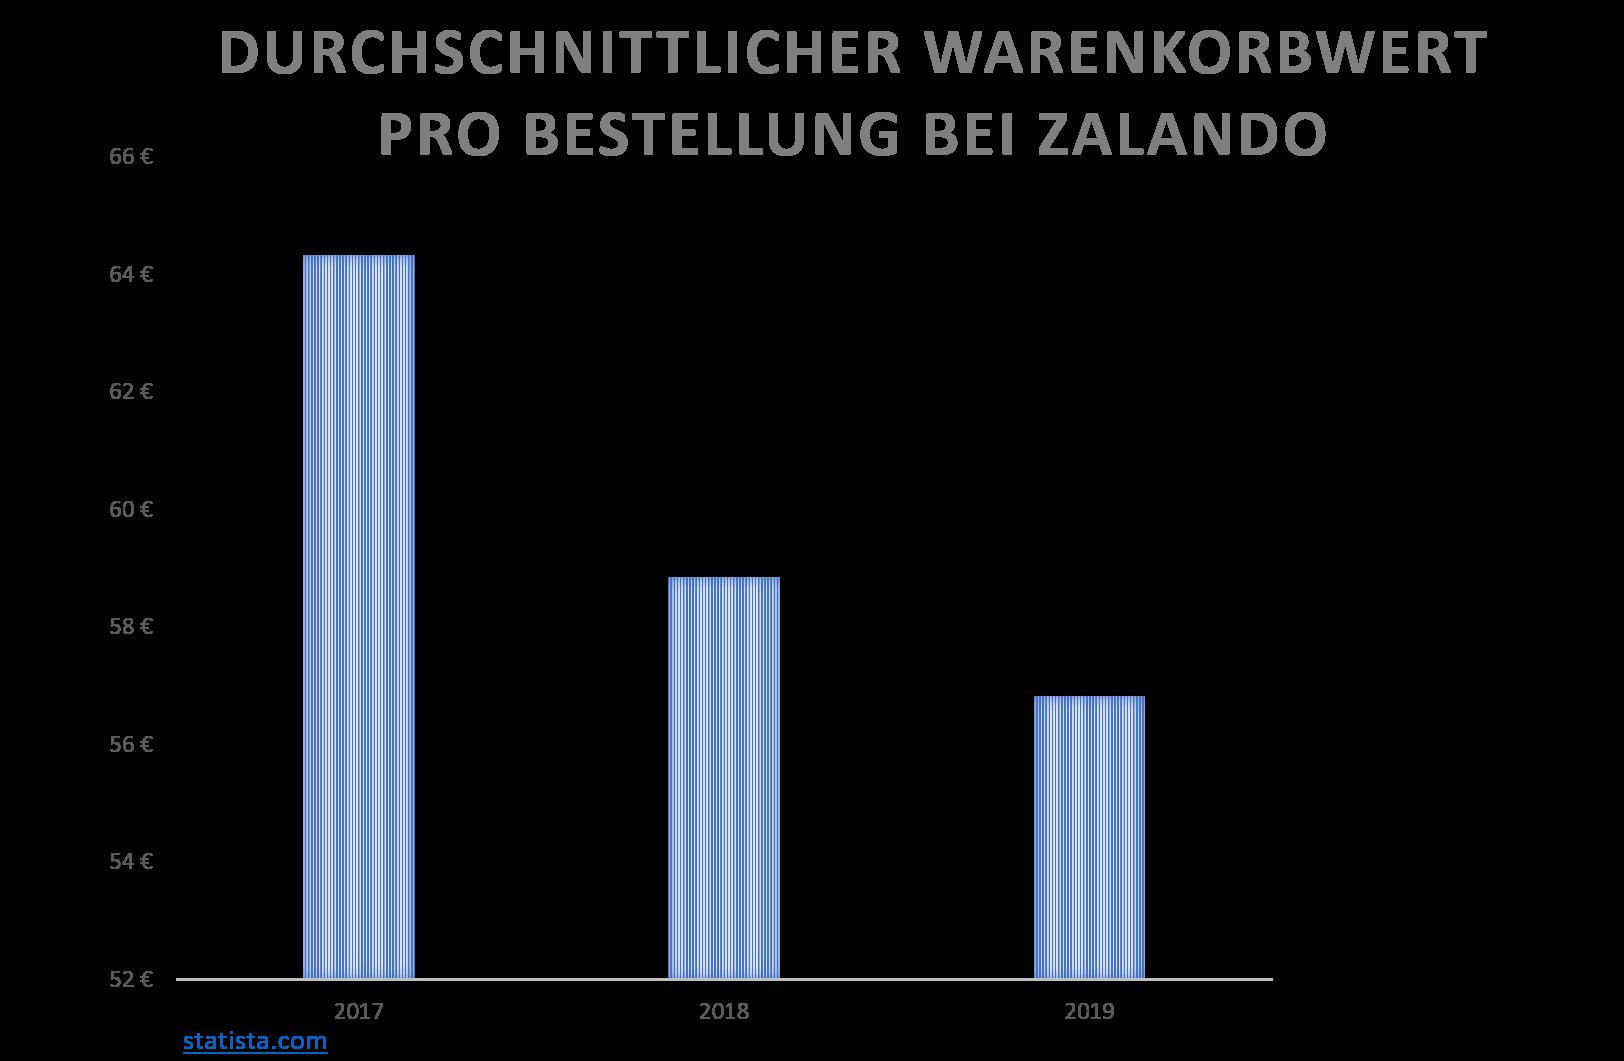 Durchschnittlicher Warenkorbwert pro Bestellung bei Zalando